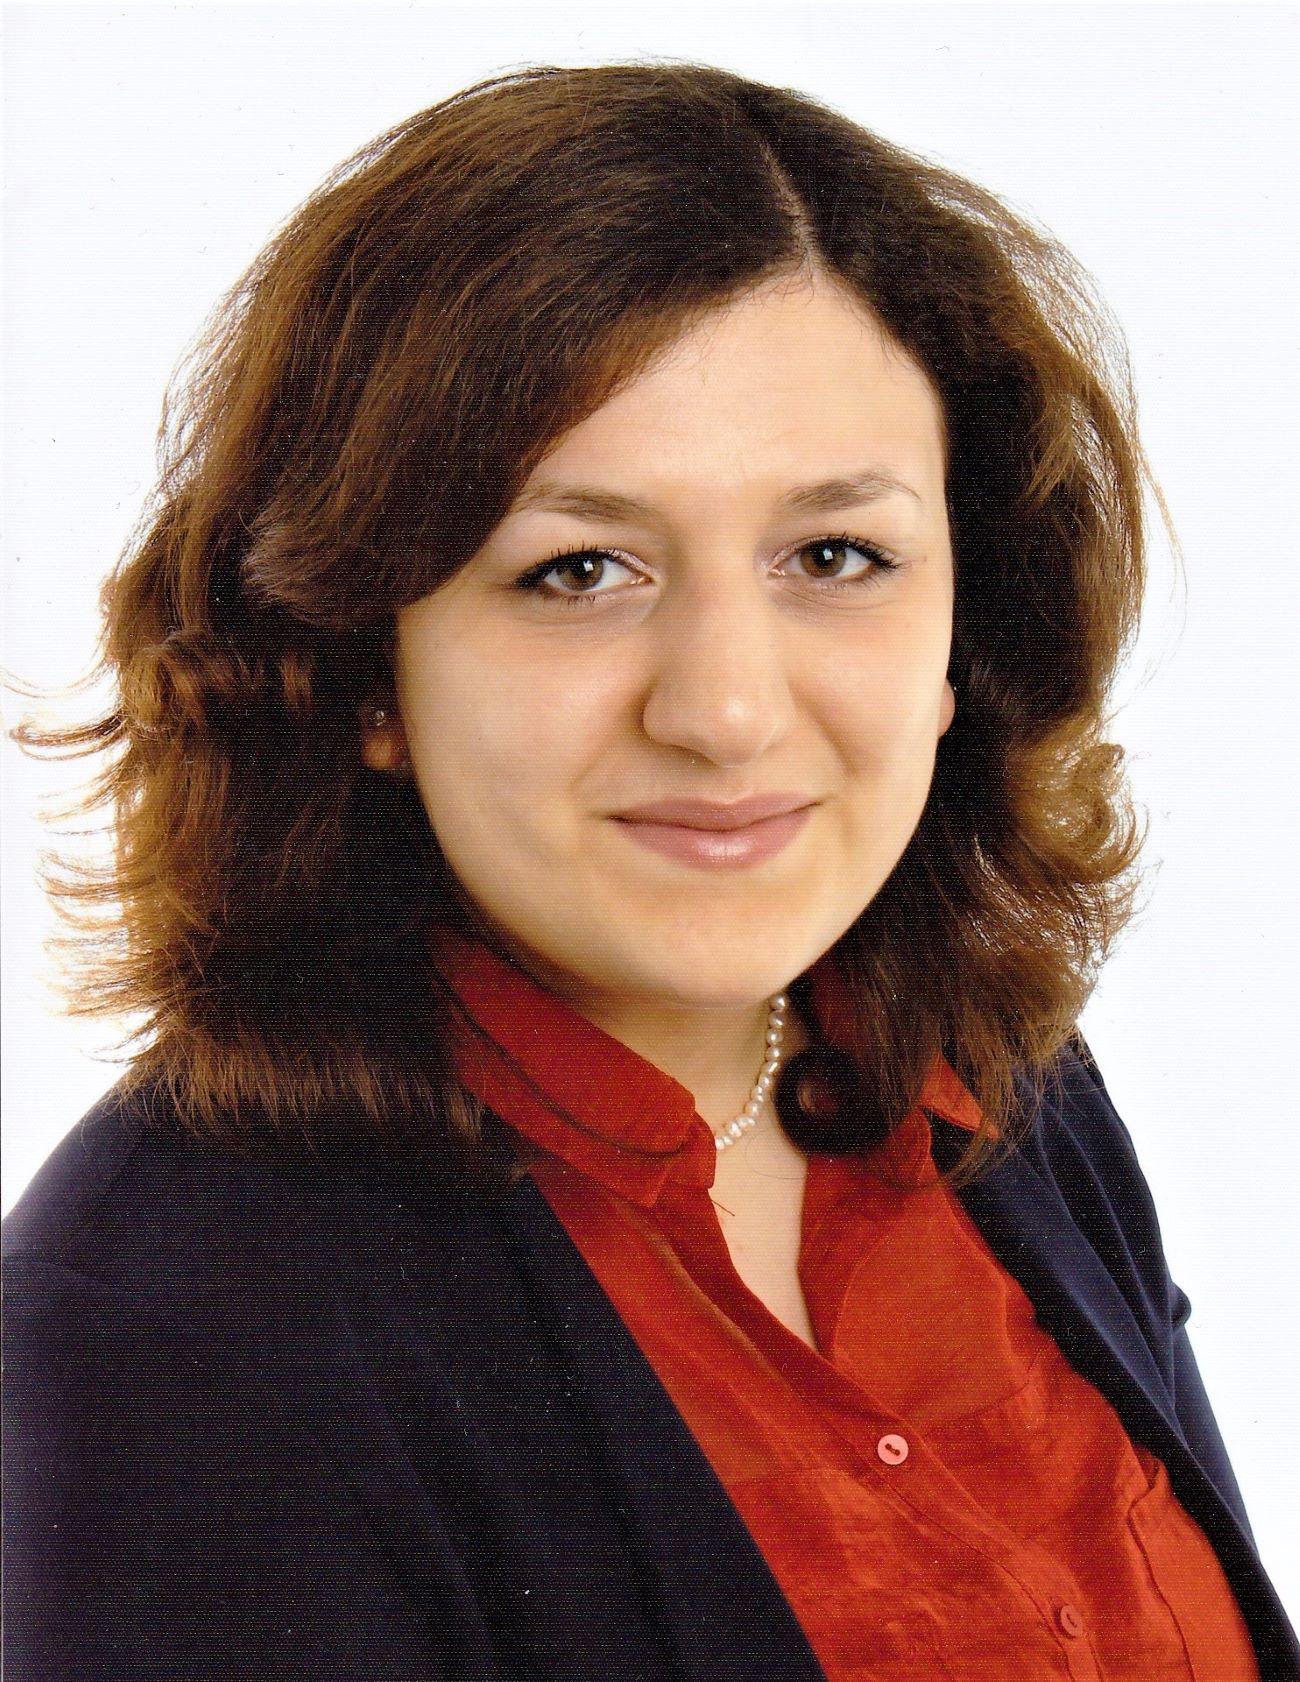 Afnan Qazzazie